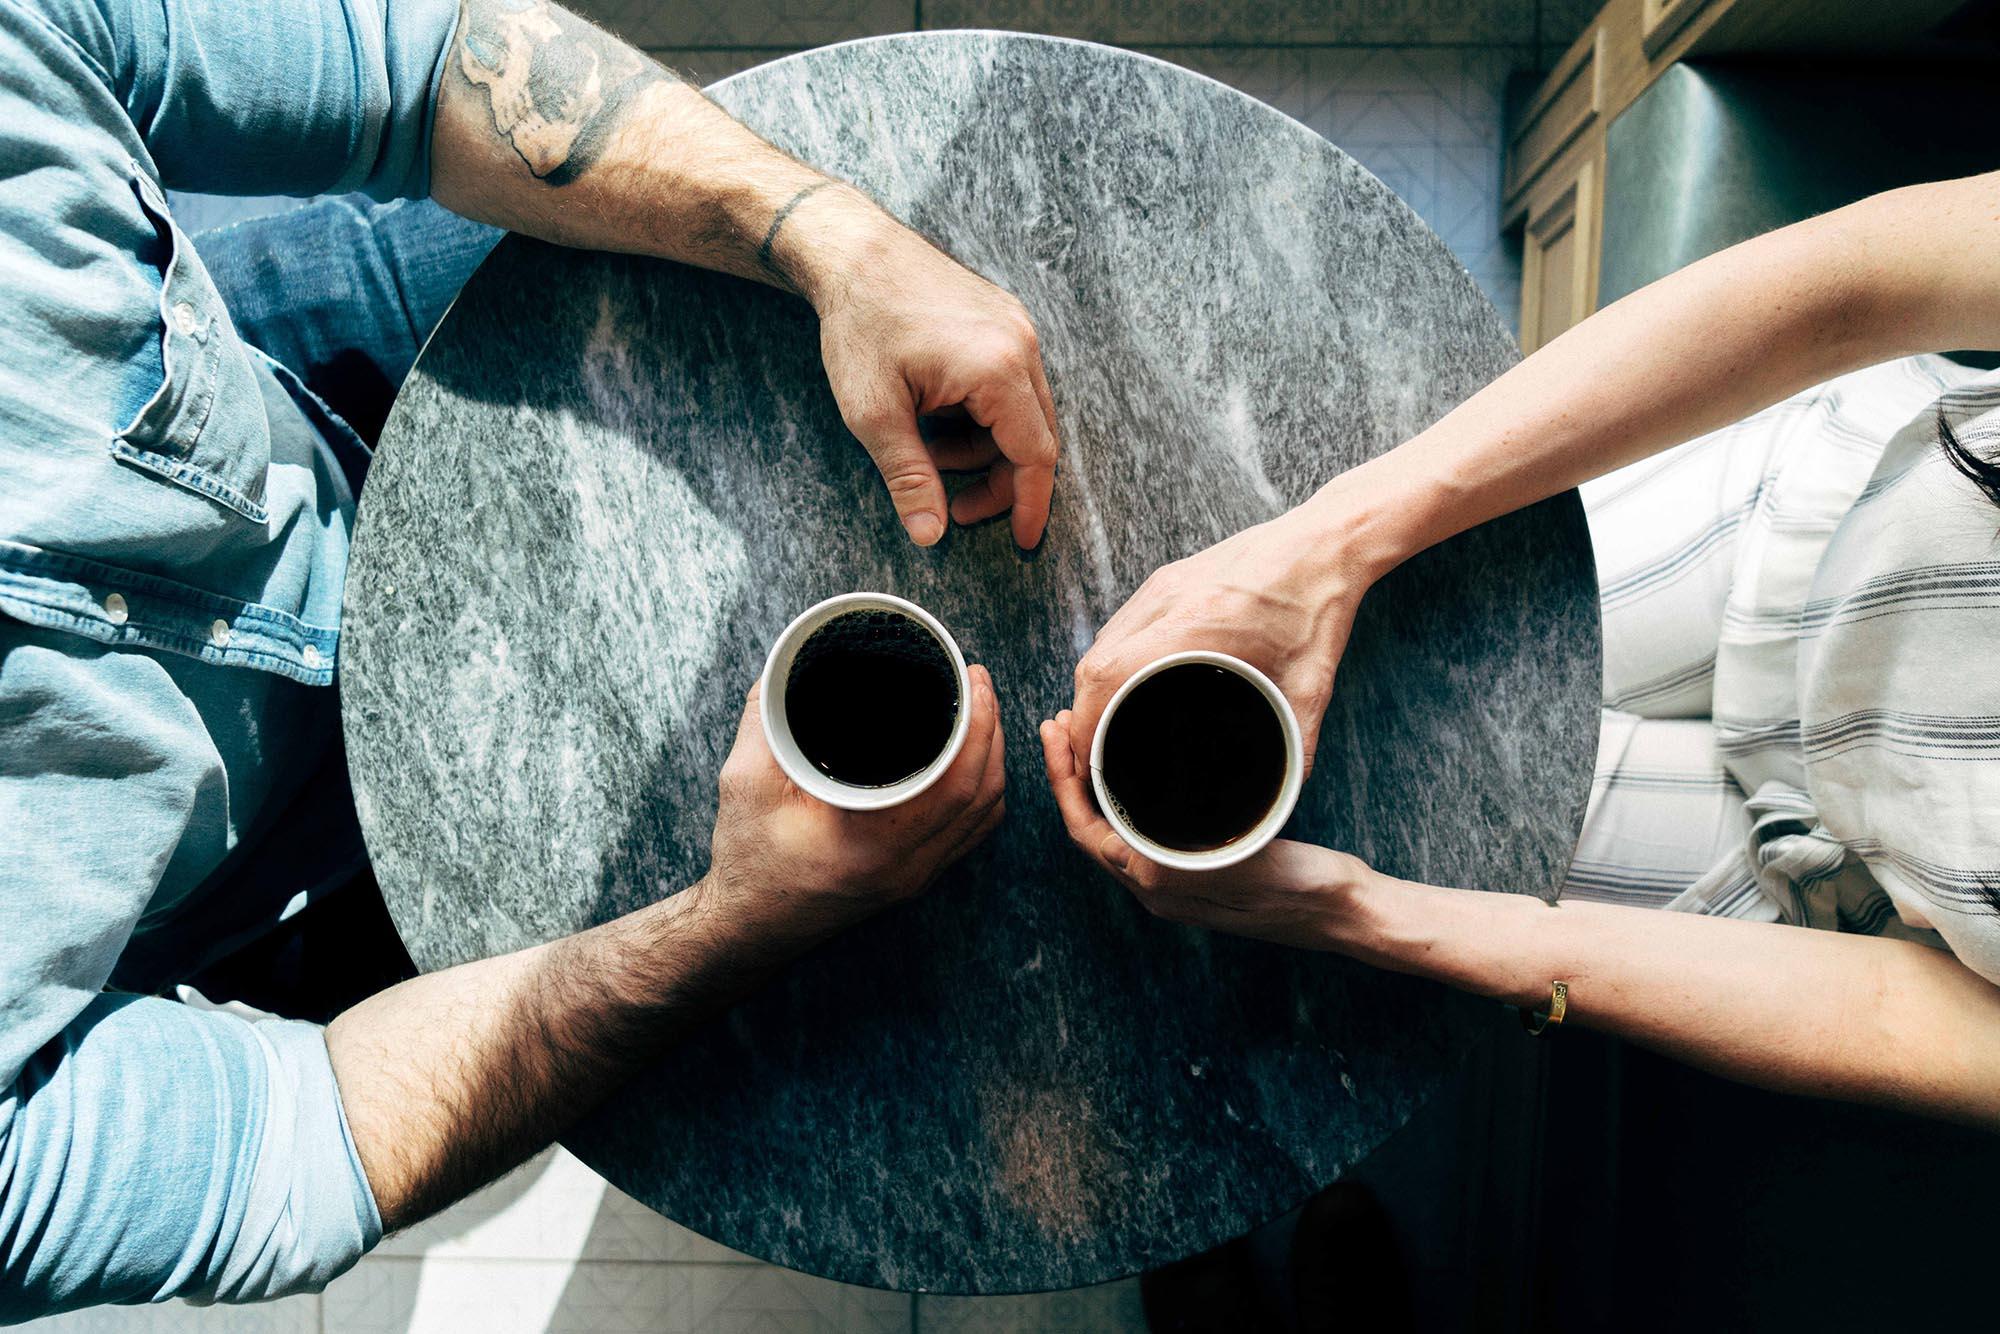 Ako pripraviť kvalitné Cafe Latte • Cafepoint.sk • Experti na Kávu